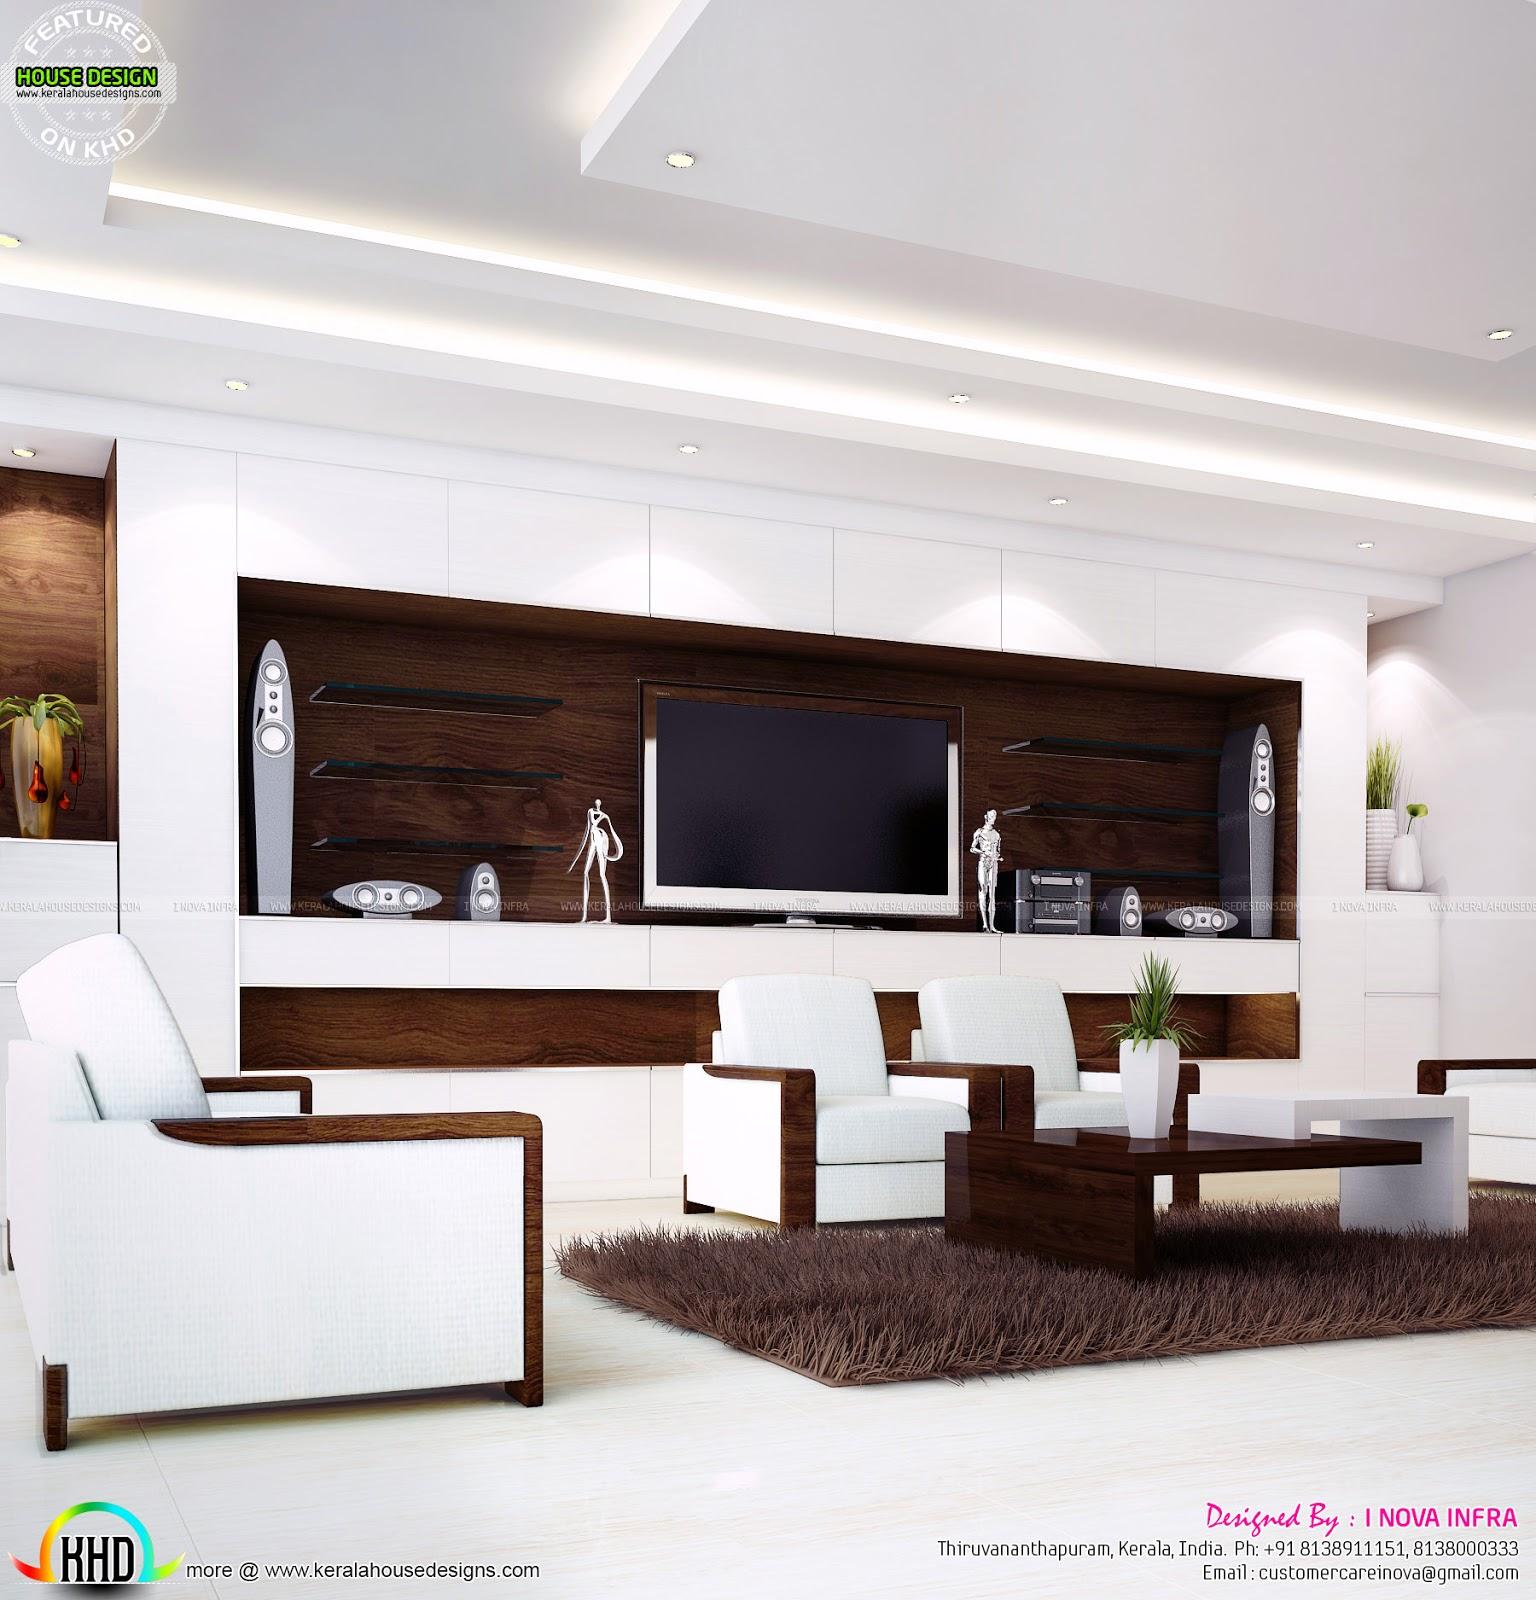 Kerala Home Interior: Home Interior Designs By I Nova Infra